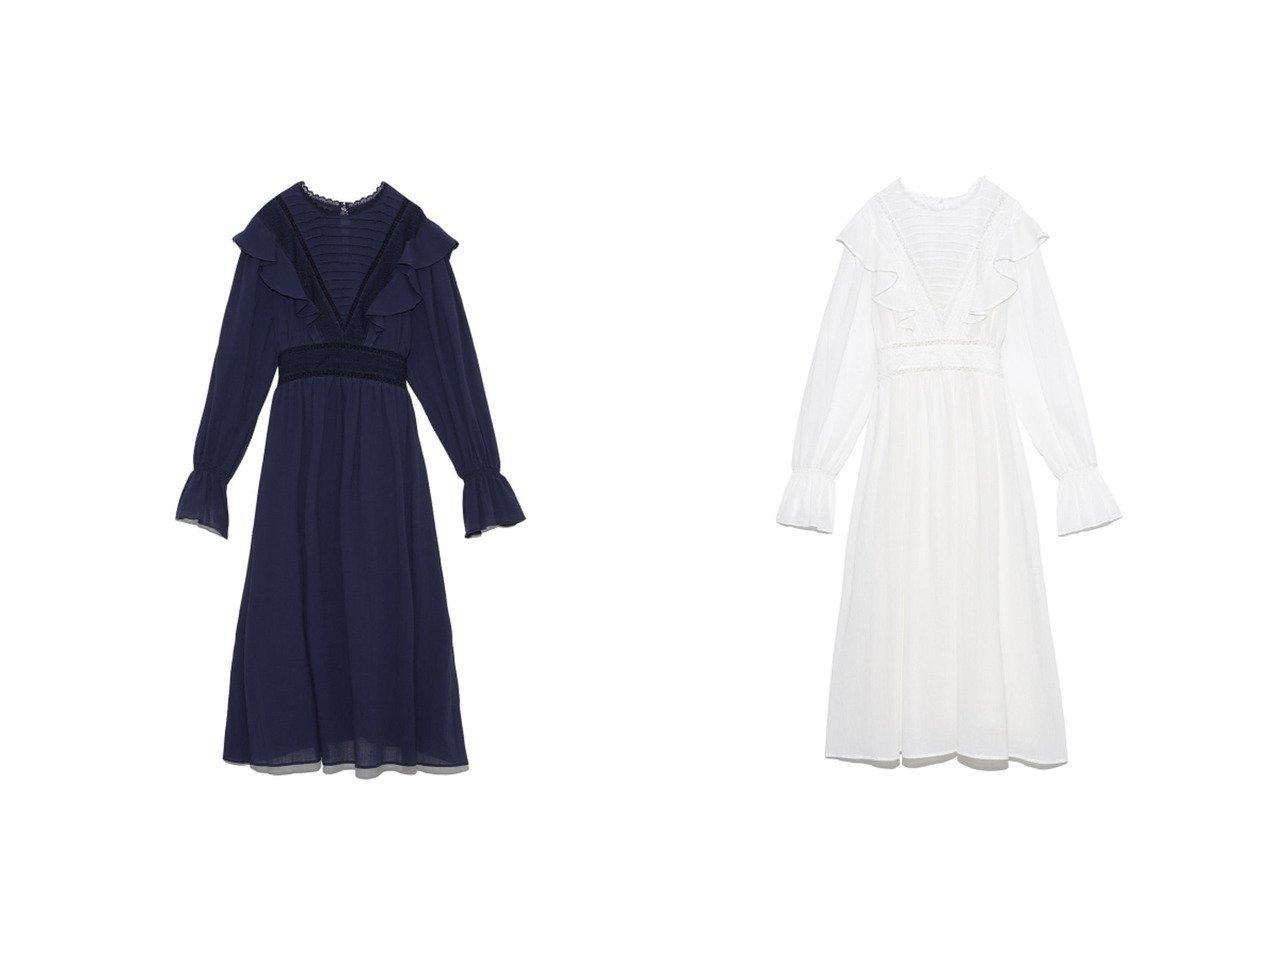 【Lily Brown/リリーブラウン】のコットンフリルナイトドレス ワンピース・ドレスのおすすめ!人気、トレンド・レディースファッションの通販 おすすめで人気の流行・トレンド、ファッションの通販商品 メンズファッション・キッズファッション・インテリア・家具・レディースファッション・服の通販 founy(ファニー) https://founy.com/ ファッション Fashion レディースファッション WOMEN ワンピース Dress ドレス Party Dresses アンティーク インナー インナーキャミ ヴィンテージ 春 Spring スマート デニム ドレス フリル レース 2021年 2021 S/S 春夏 SS Spring/Summer 2021 春夏 S/S SS Spring/Summer 2021 |ID:crp329100000015416